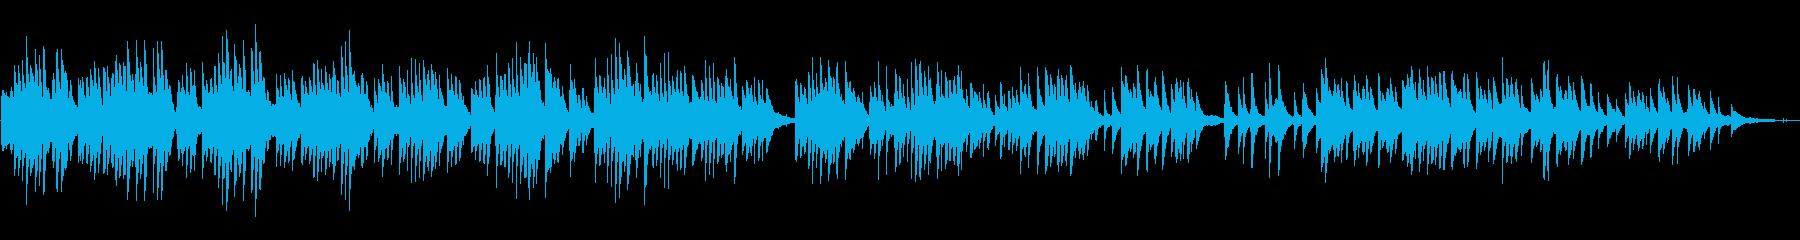 カフェ・ヨガ・風景 lo-fiピアノソロの再生済みの波形